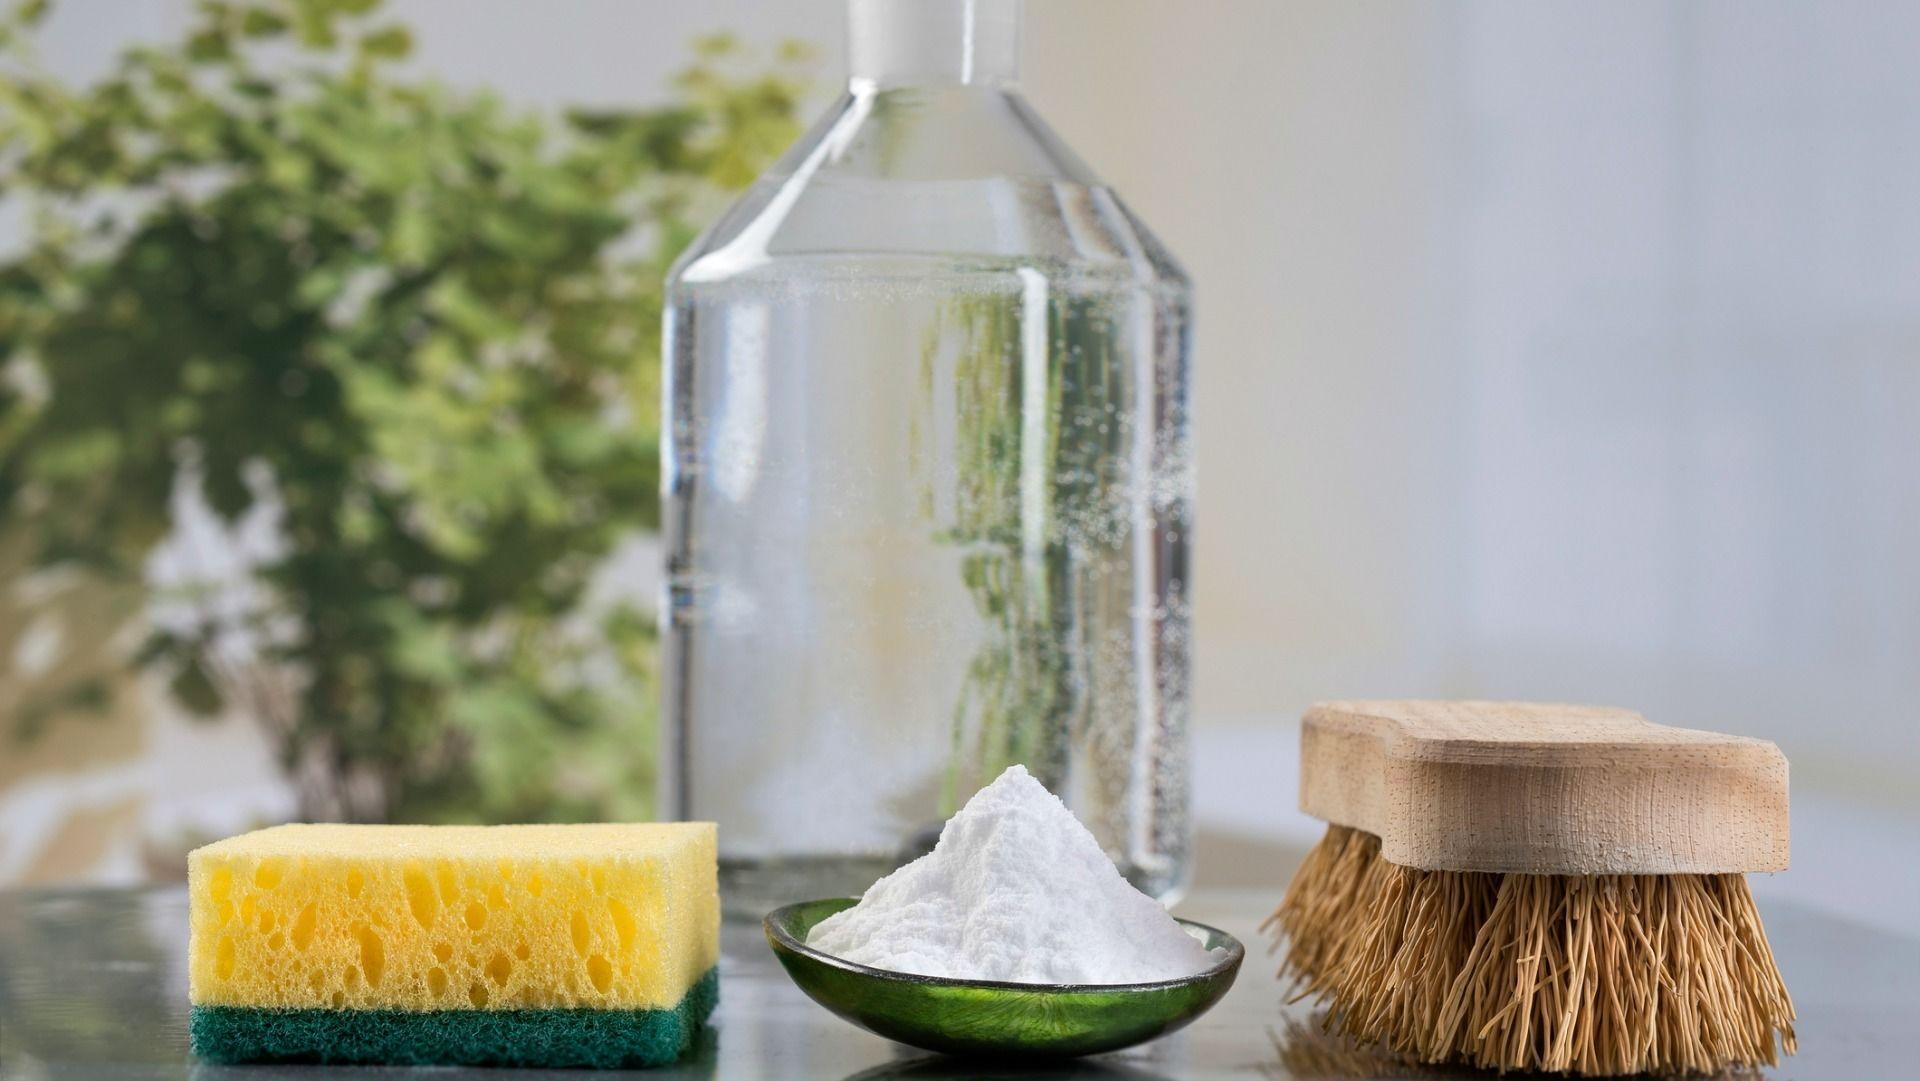 2. Menggunakan baking soda air